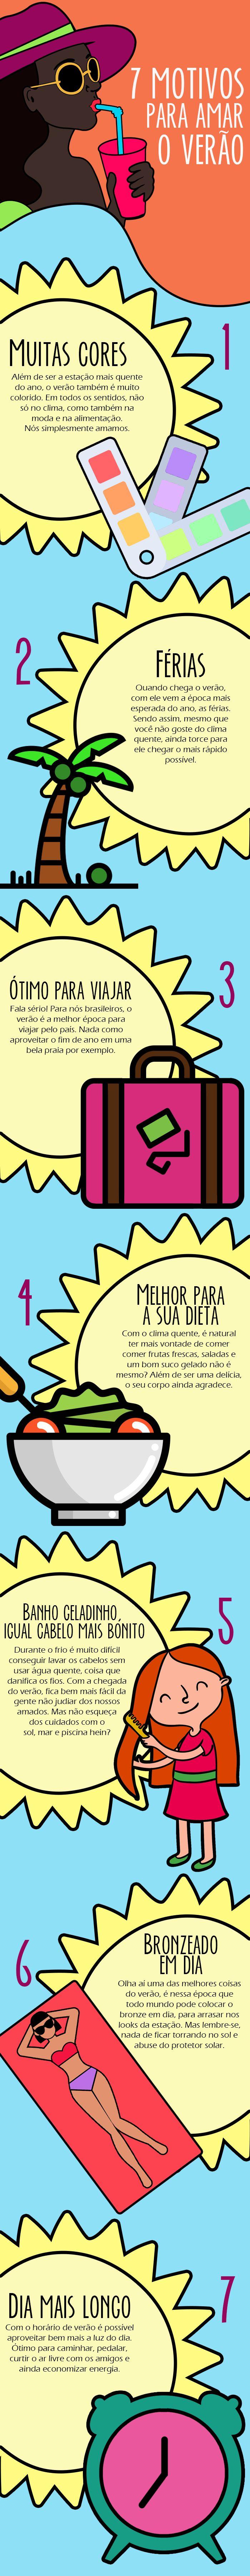 #SevenList #CabideColorido #Verão #Summer #Love